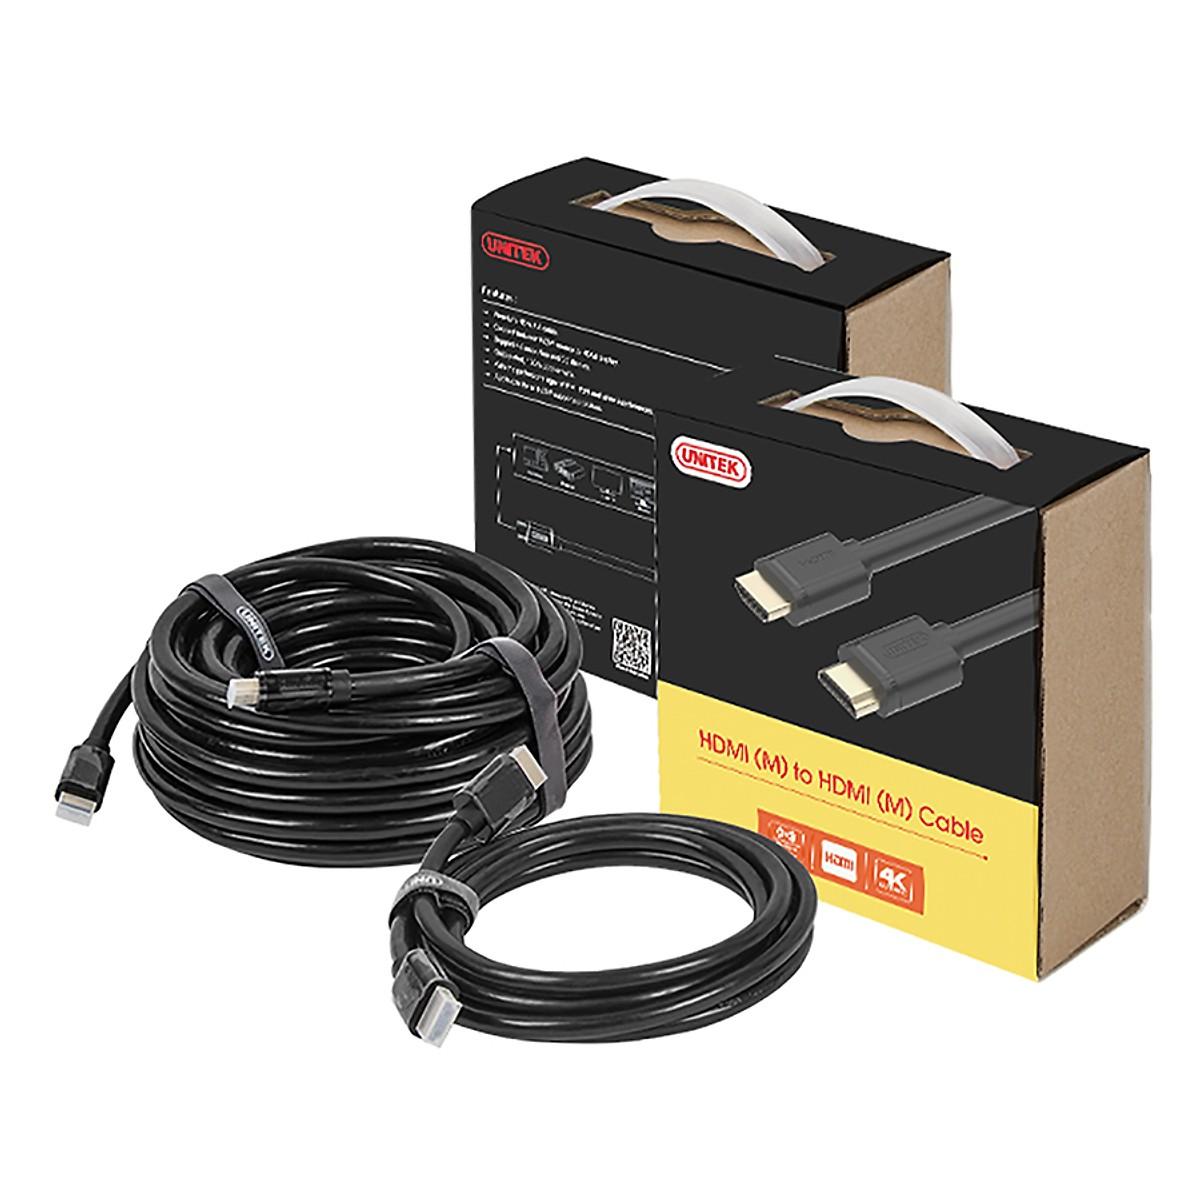 Cáp HDMI 30m Unitek Y-C171 IC Khuyếch đại -Hỗ trợ chuẩn 3D, 4K*2K - Hàng Chính hãng